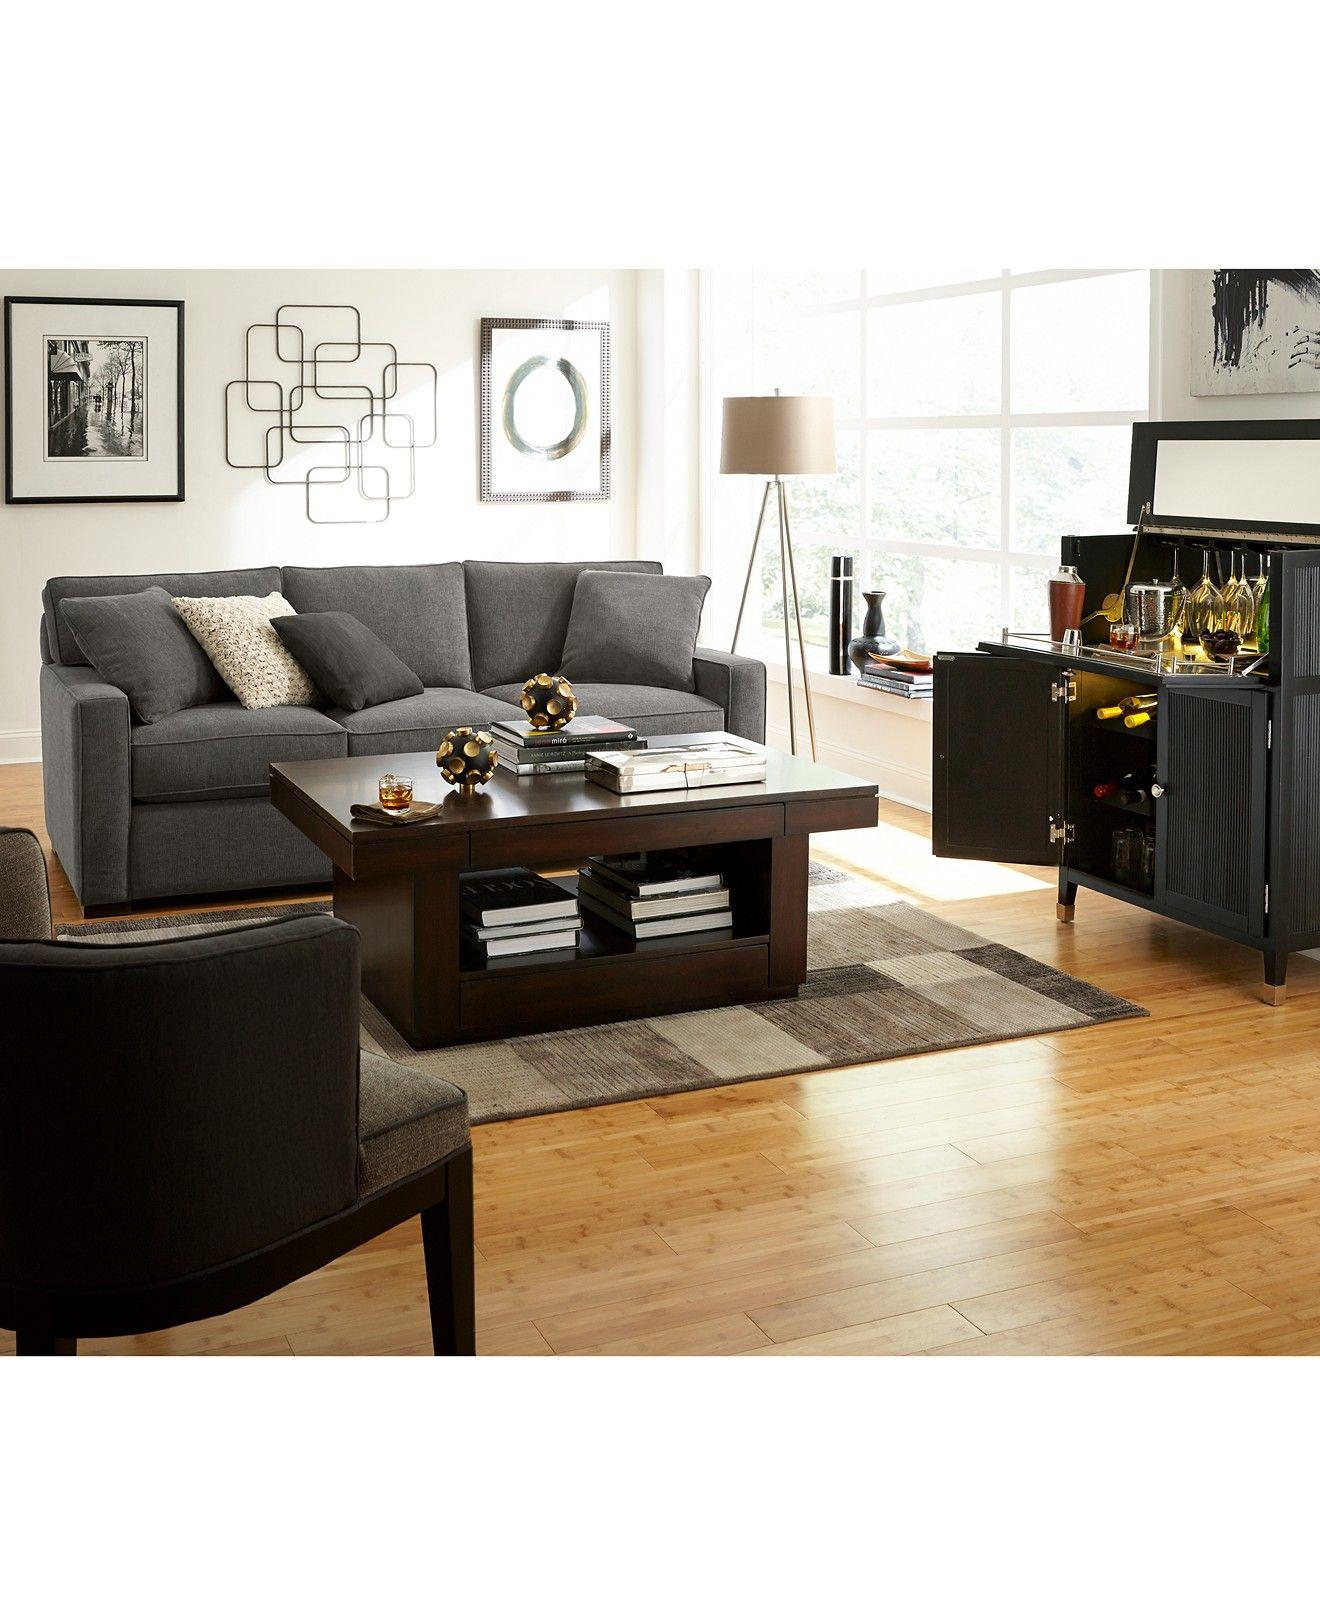 Radley 86 Fabric Queen Sleeper Sofa Bed Created For Macys